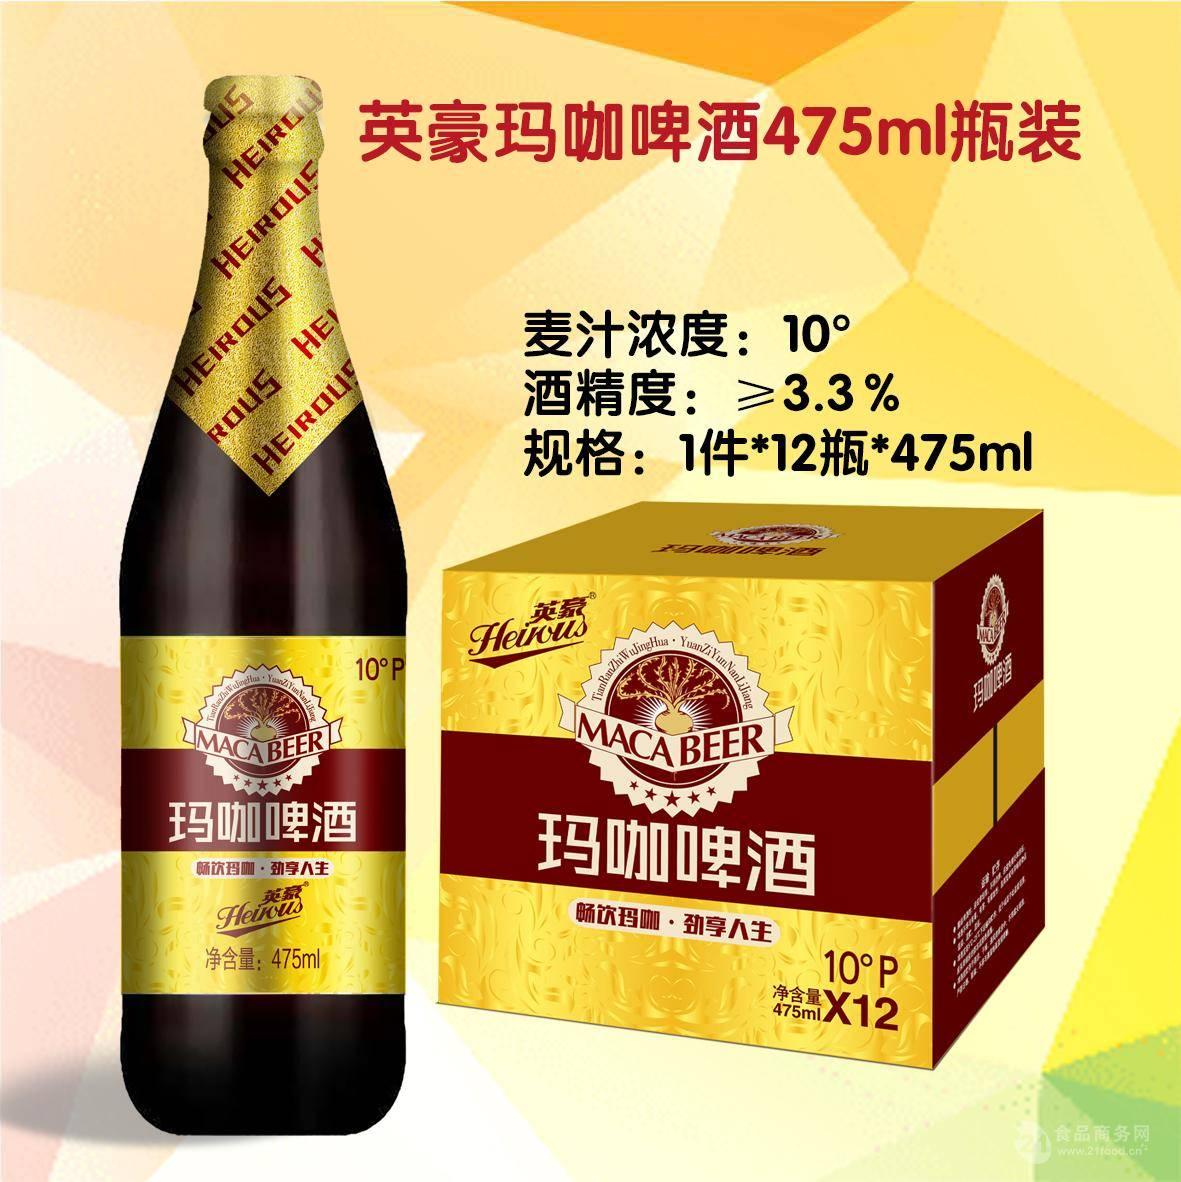 安庆精酿啤酒连锁招商公司-你能推荐一款精酿啤酒加入吗?-大麦丫-精酿啤酒连锁超市,工厂店平价酒吧免费加盟